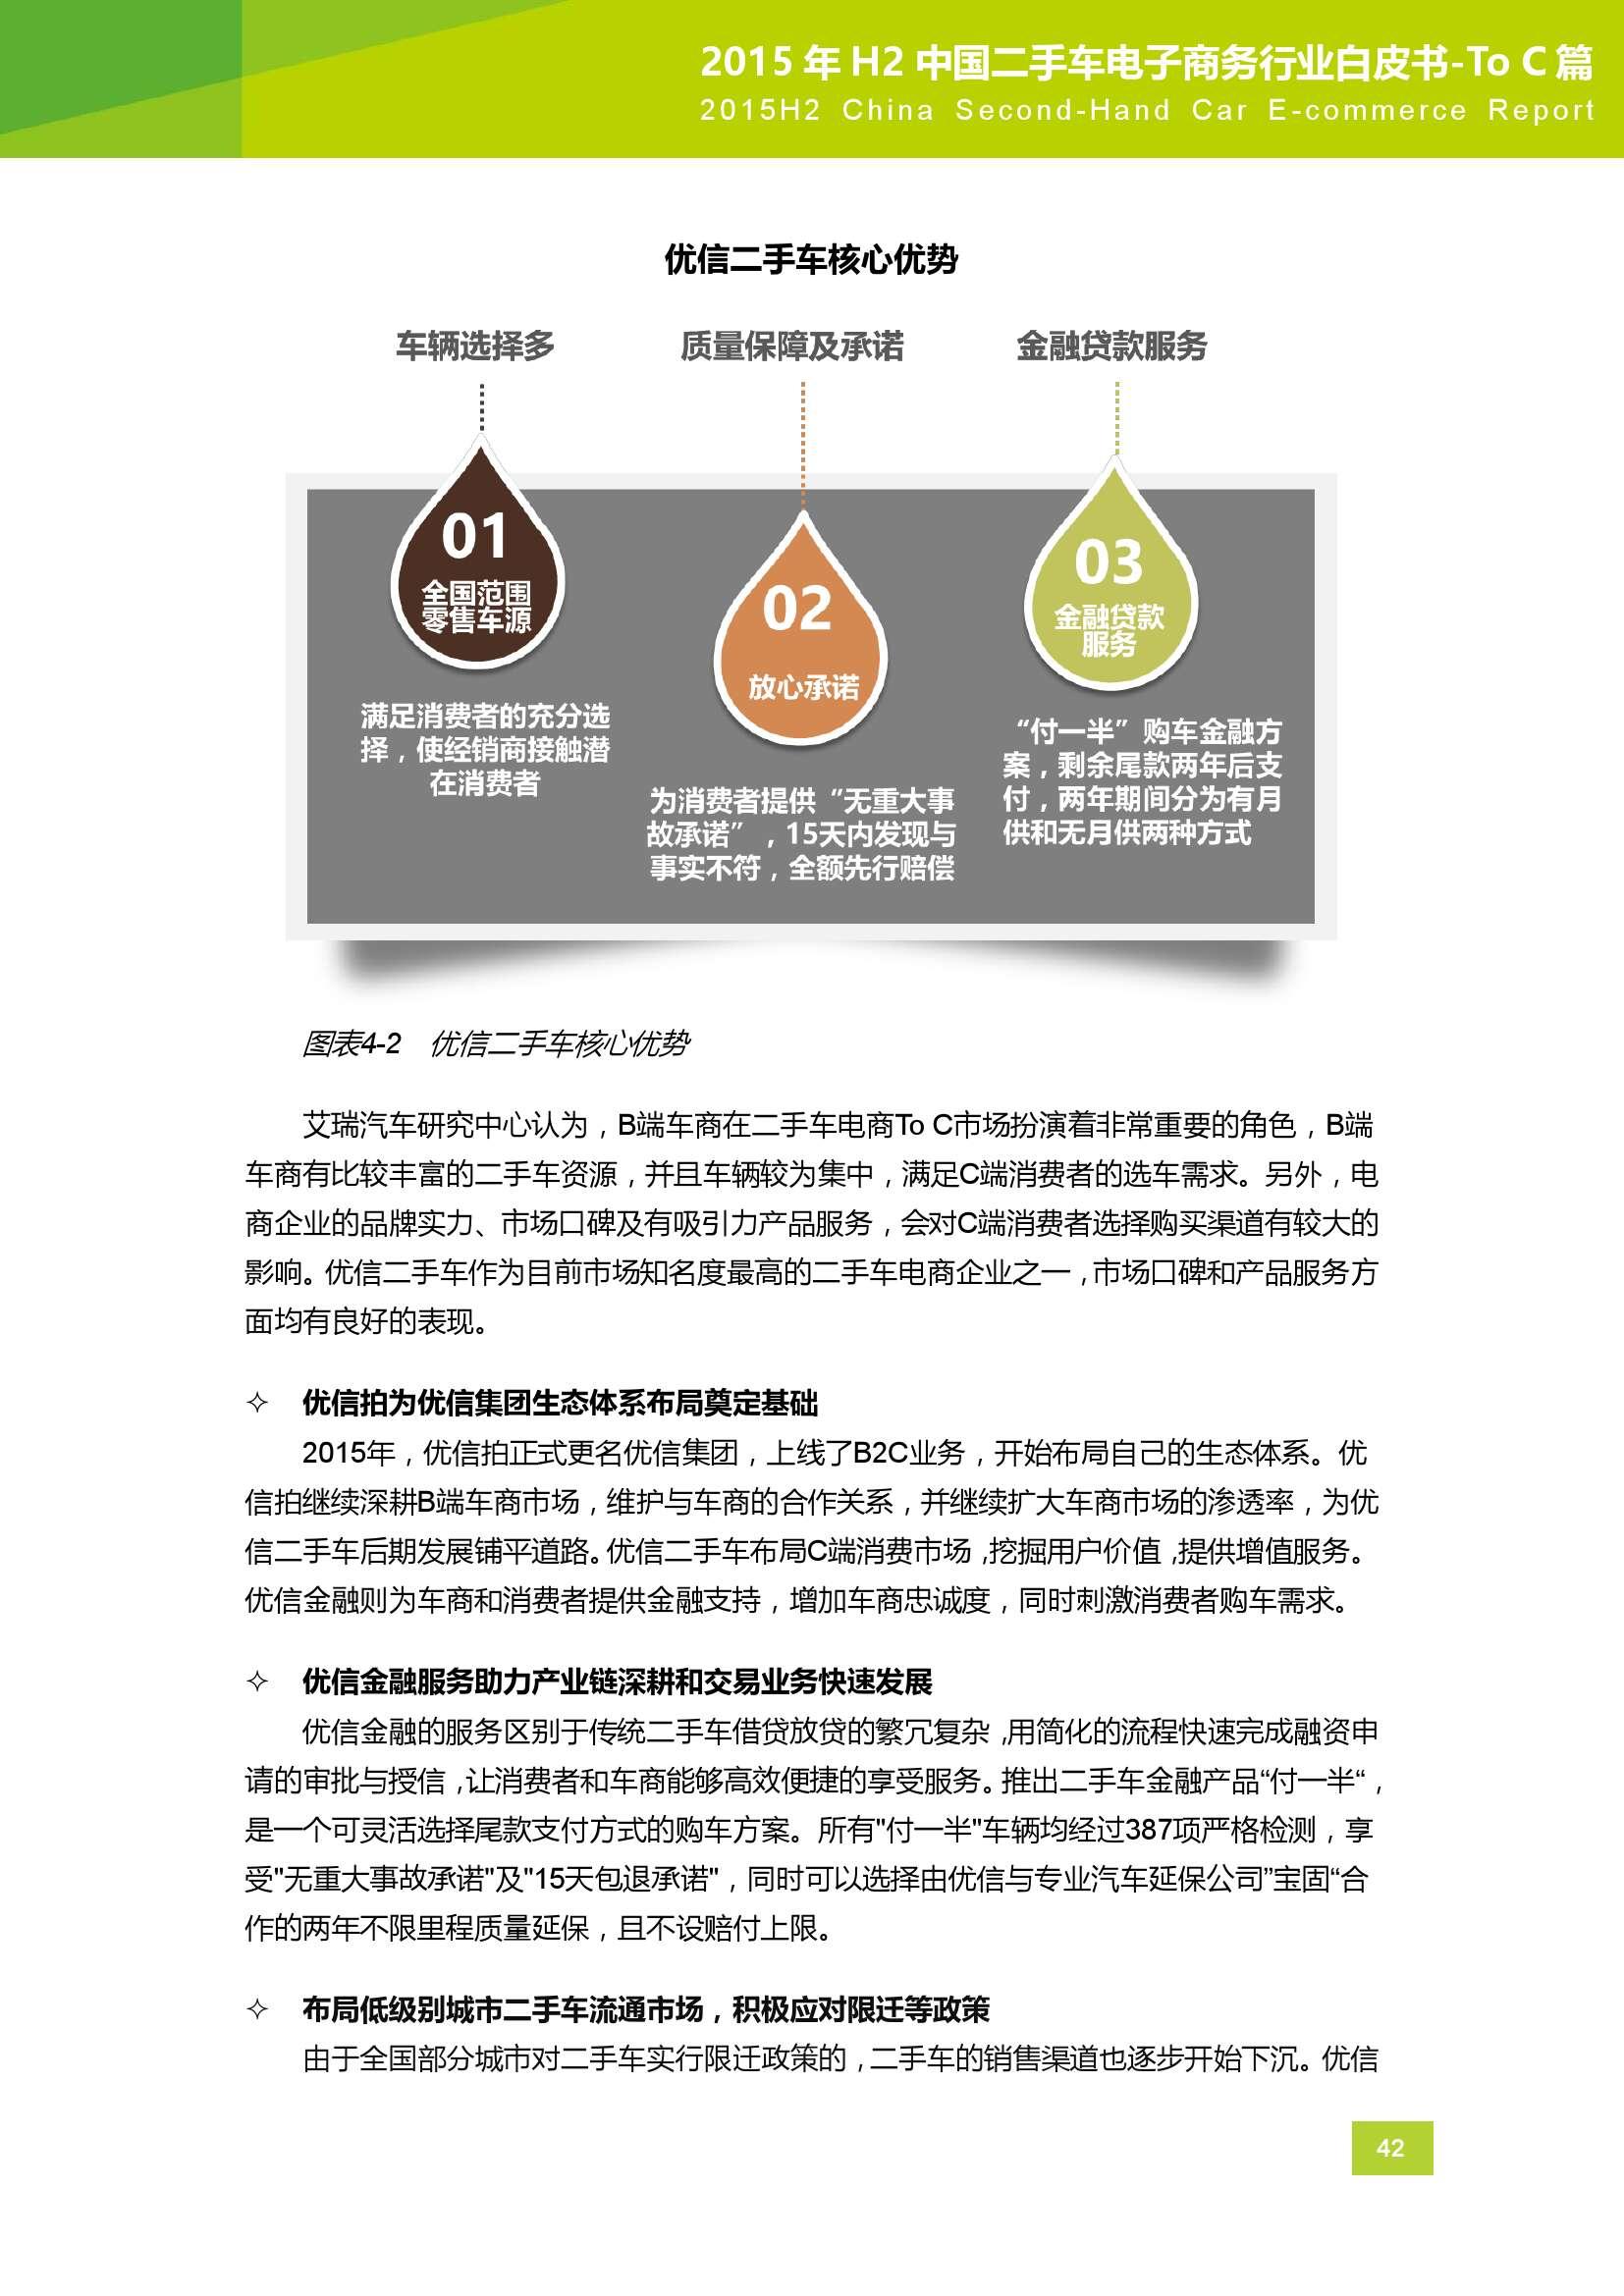 2015年H2中国二手车电子商务行业白皮书_000042